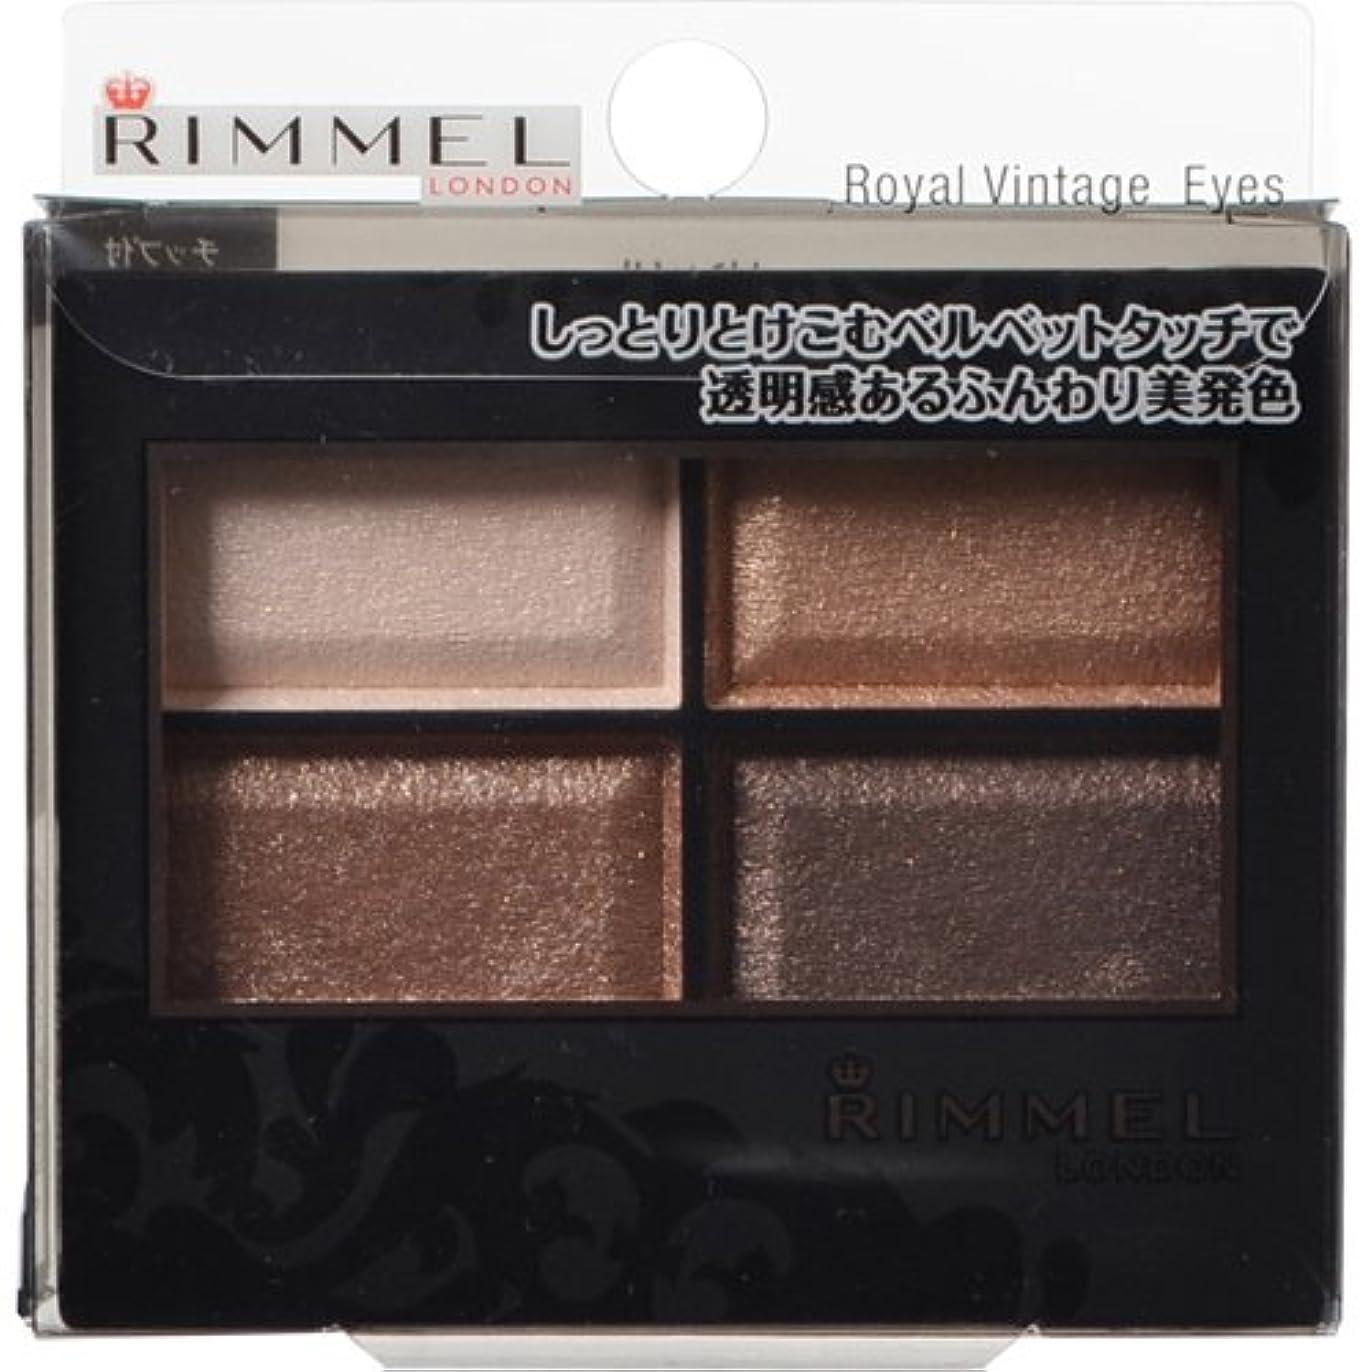 ブラザーワット露骨なリンメルロイヤルヴィンテージアイズ 003 クラシックブラウン